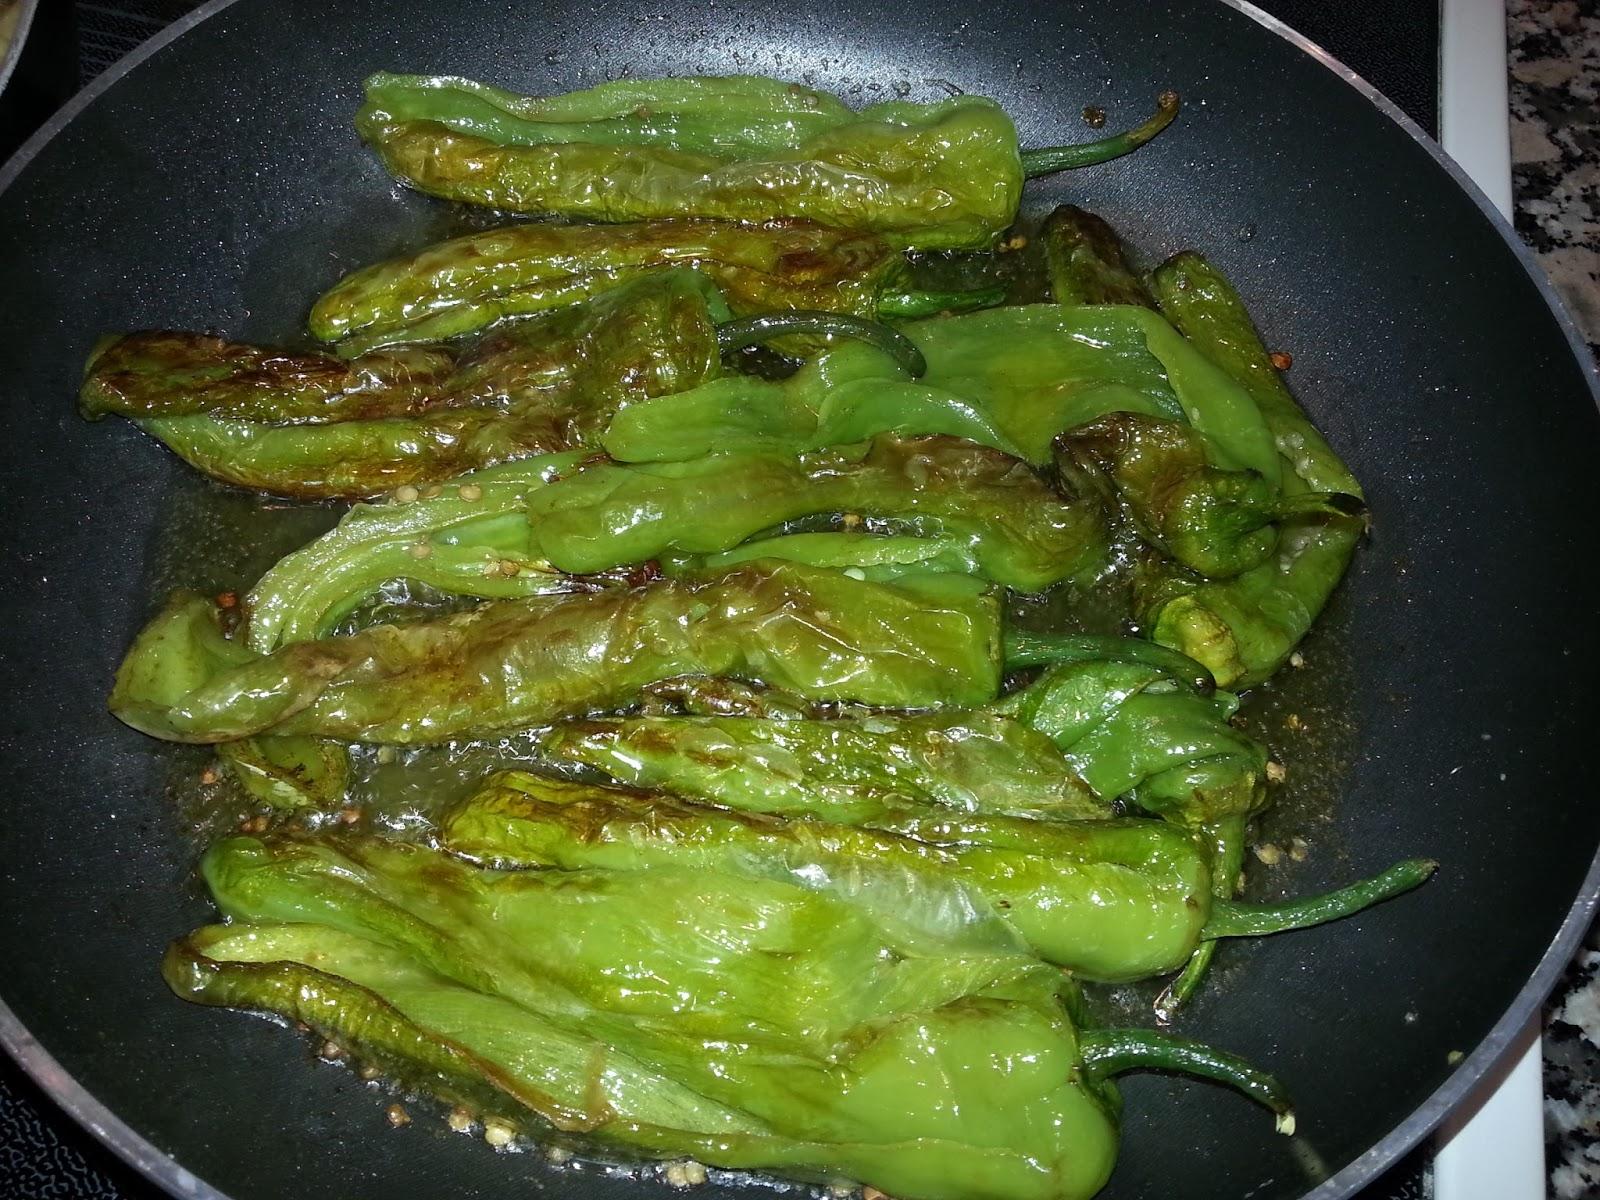 Recetas de toda la vida cocinar sencillo como me ense - Como hacer pimientos verdes fritos ...